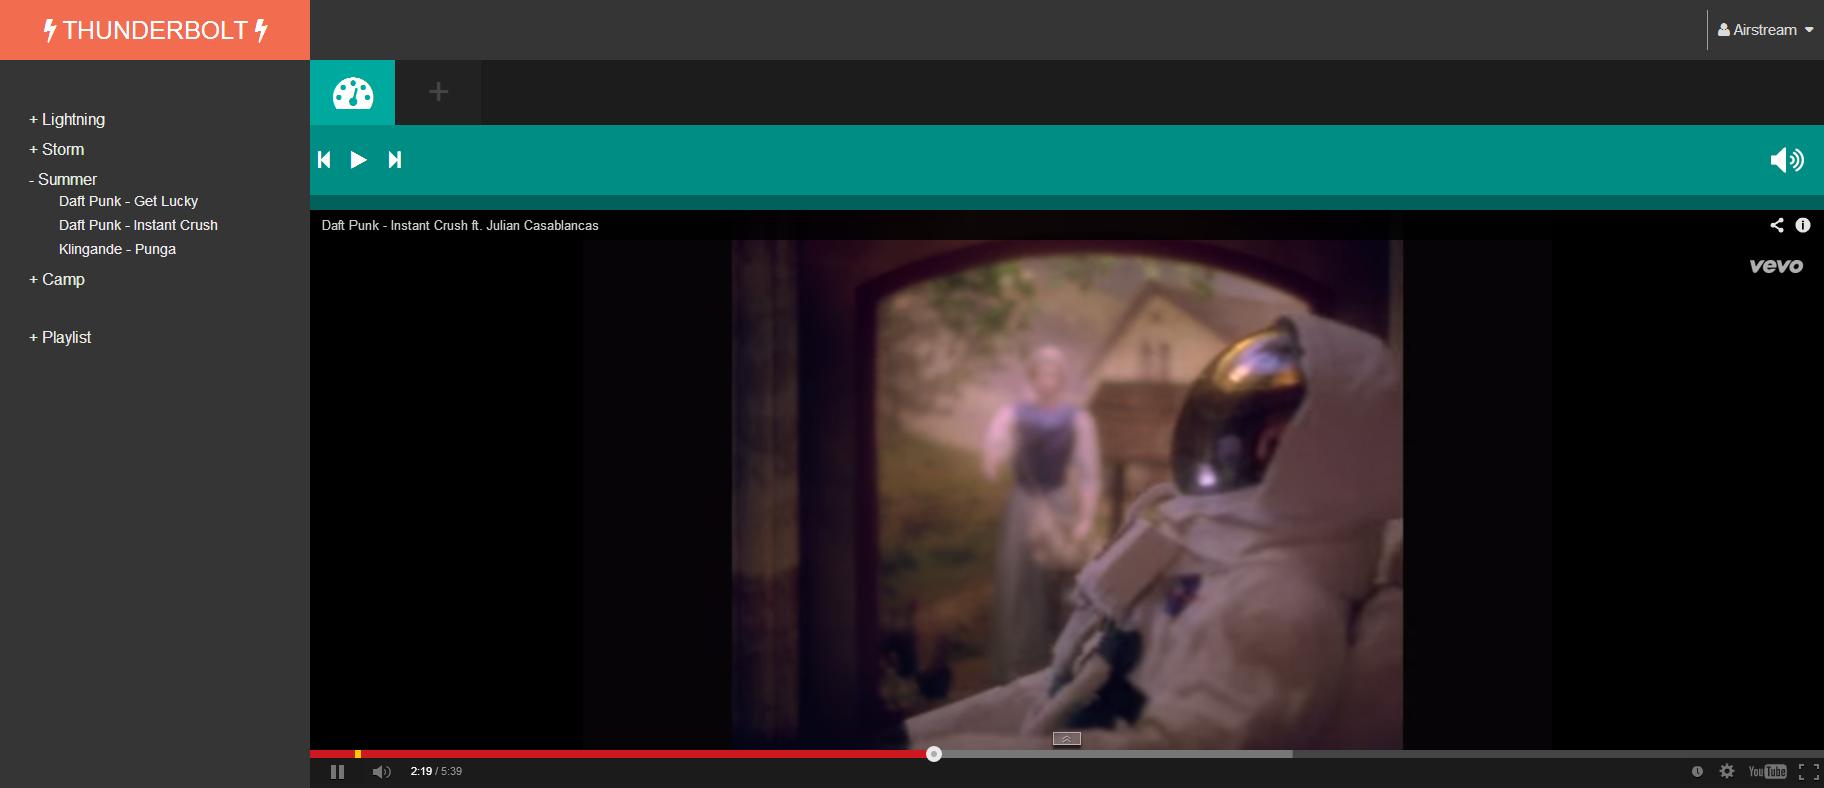 Video Thunderbolt